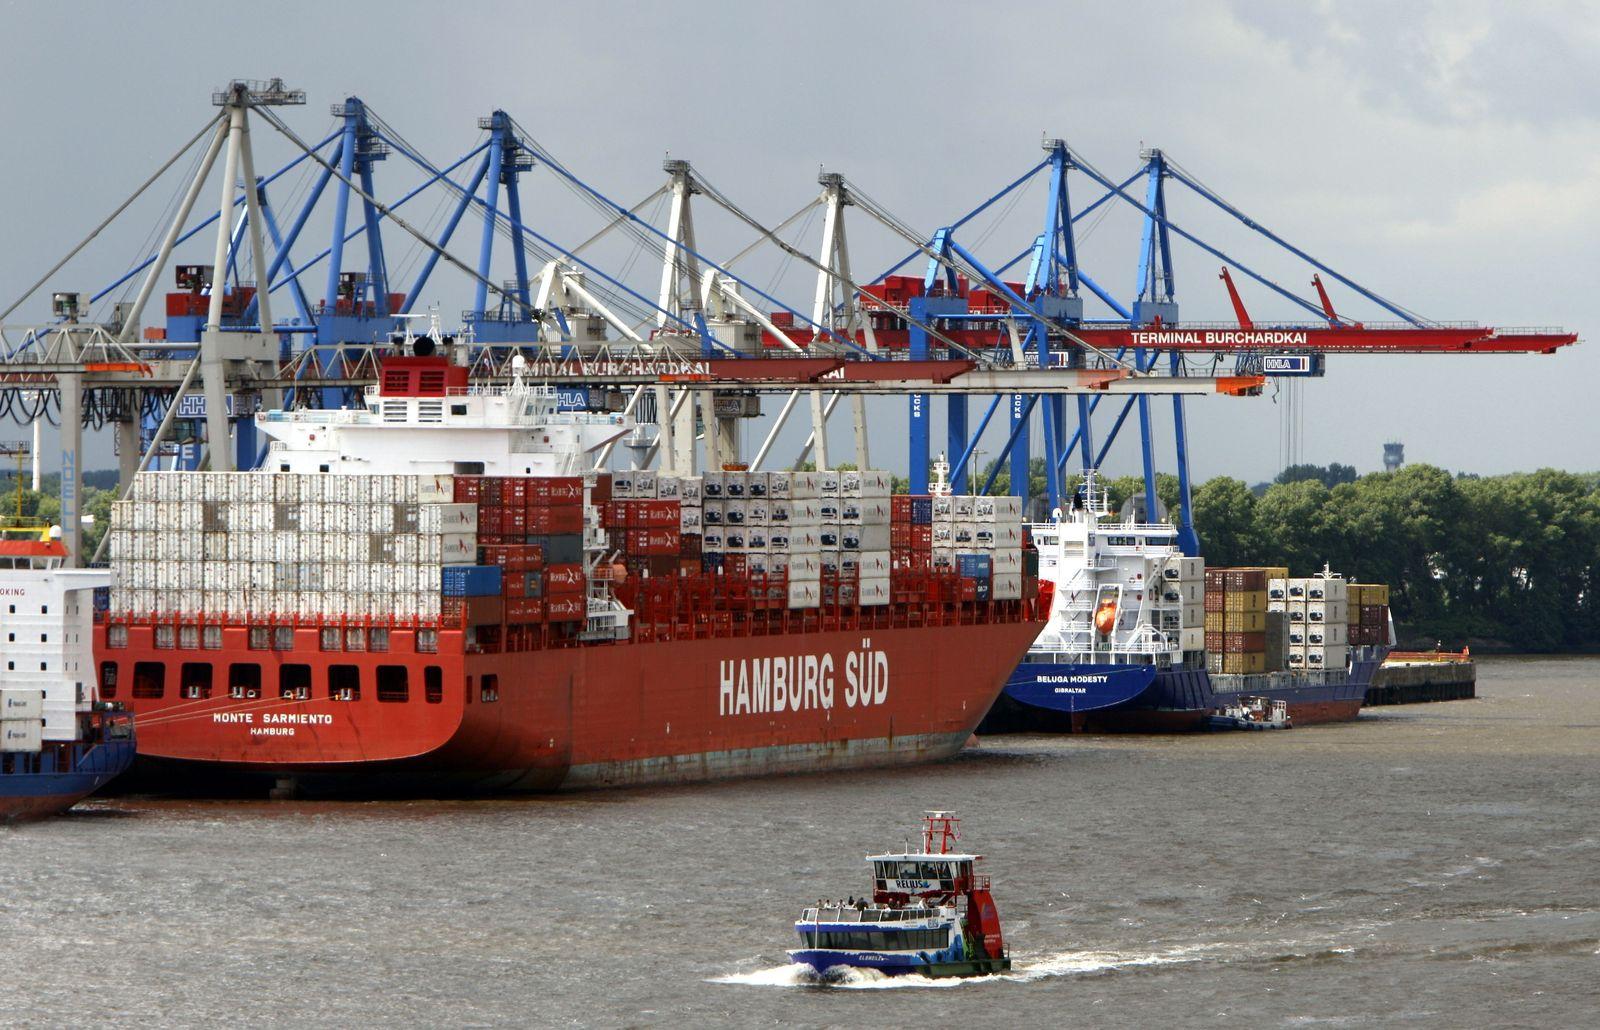 Containerschiffe / Containerterminal / Handel / Hamburger Hafen / Hamburg